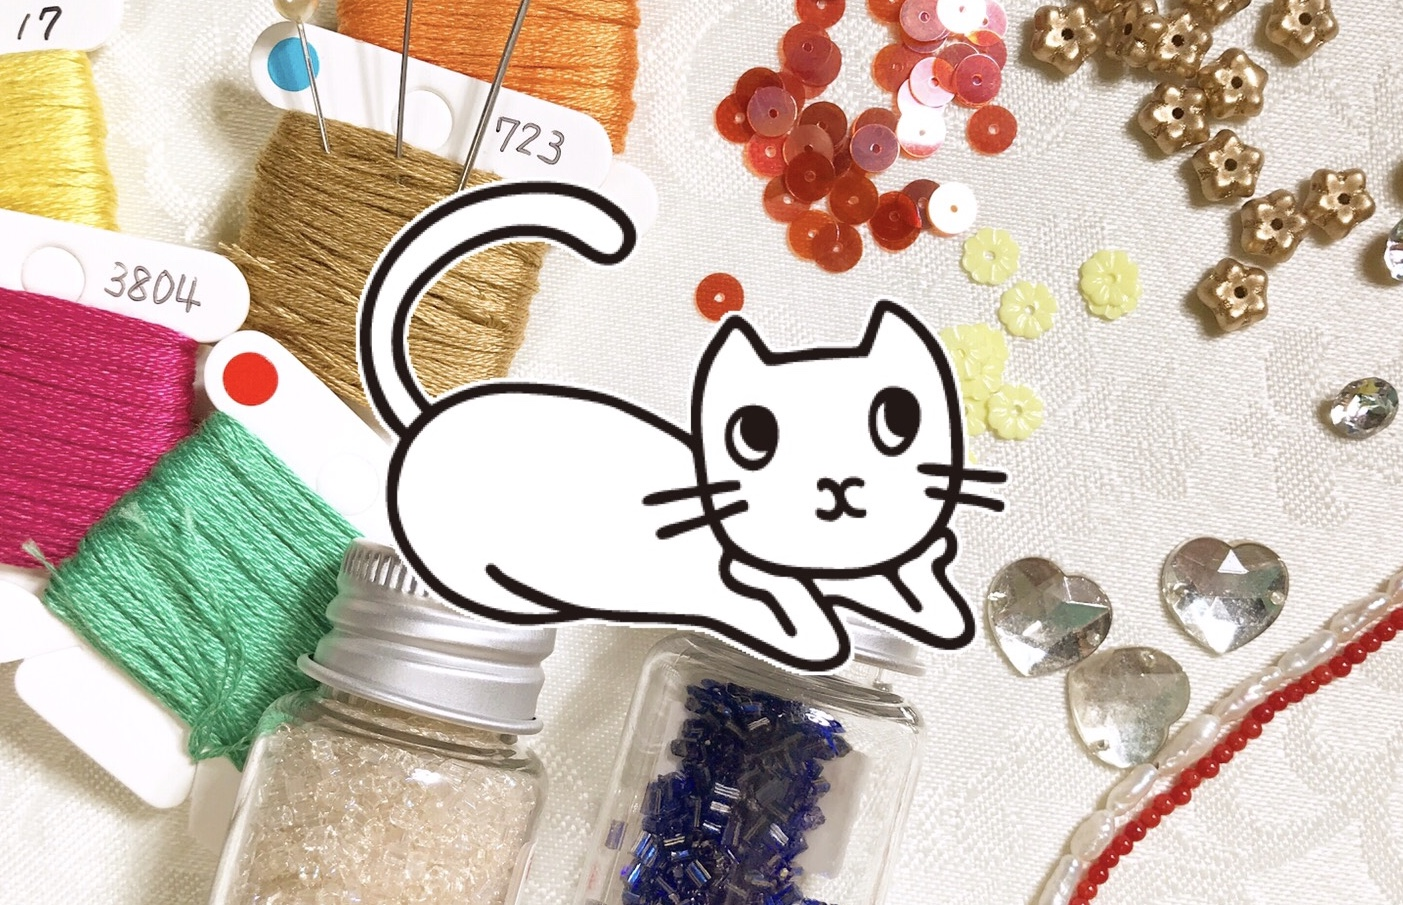 【満員御礼】刈谷市市民講師企画講座にて刺繍の講師をします!